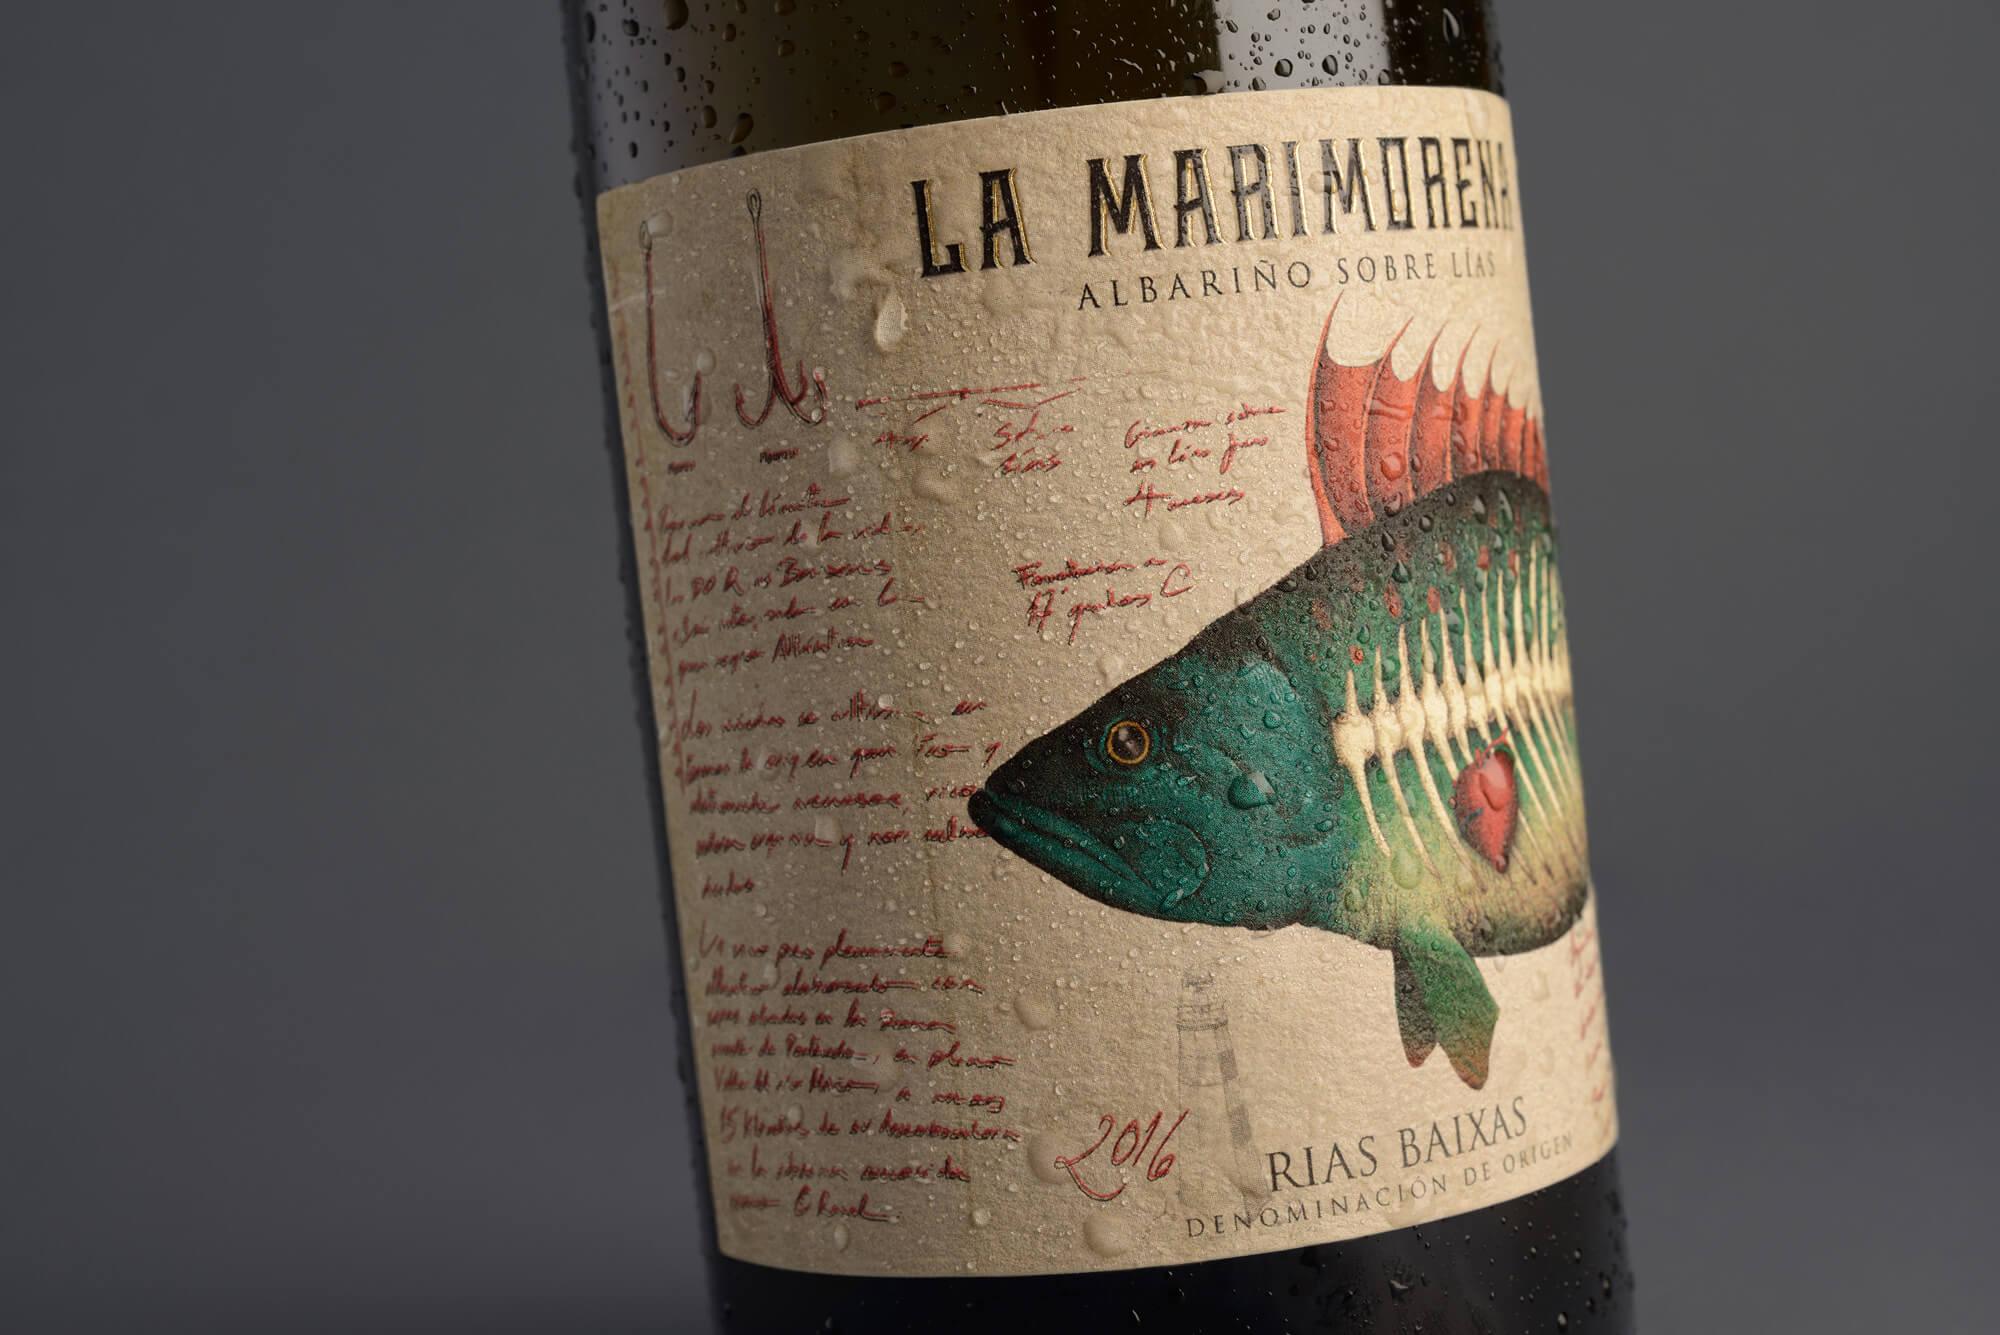 La Marimorena 20163